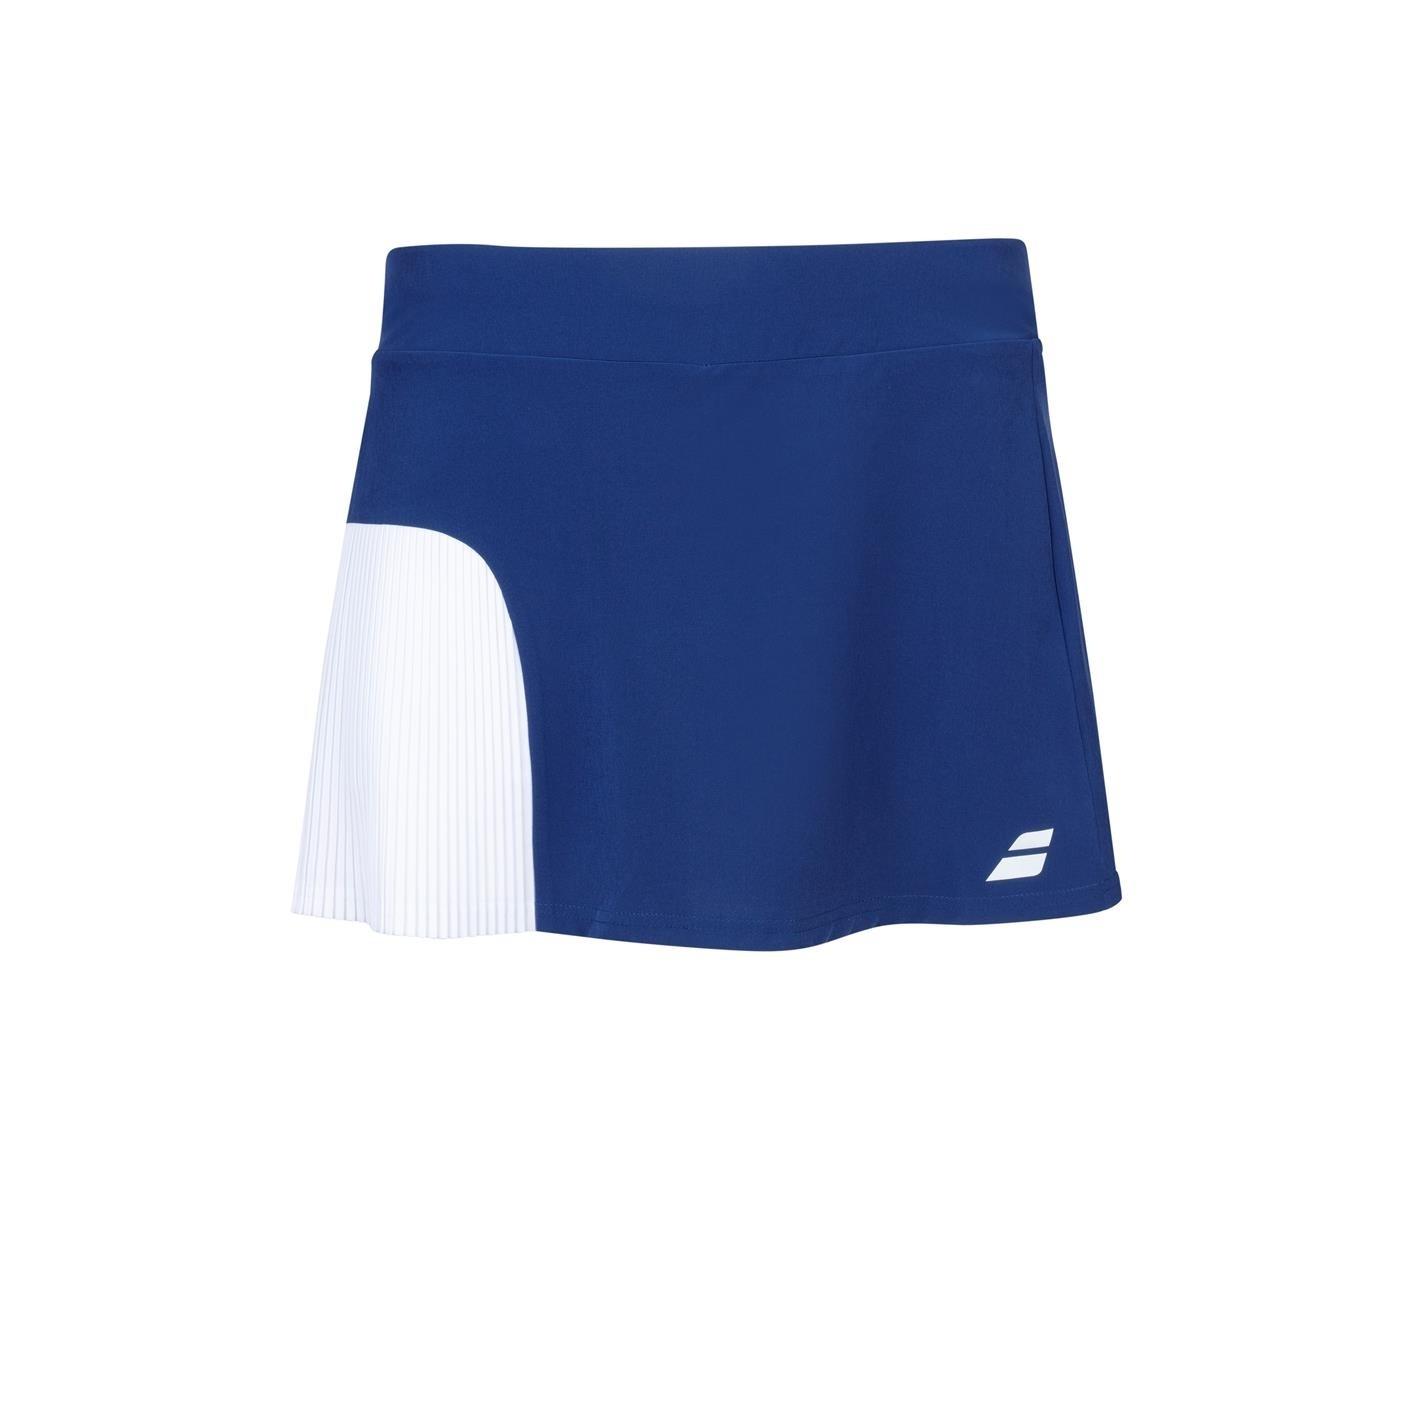 Fusta Babolat competitie tenis pentru fetite albastru